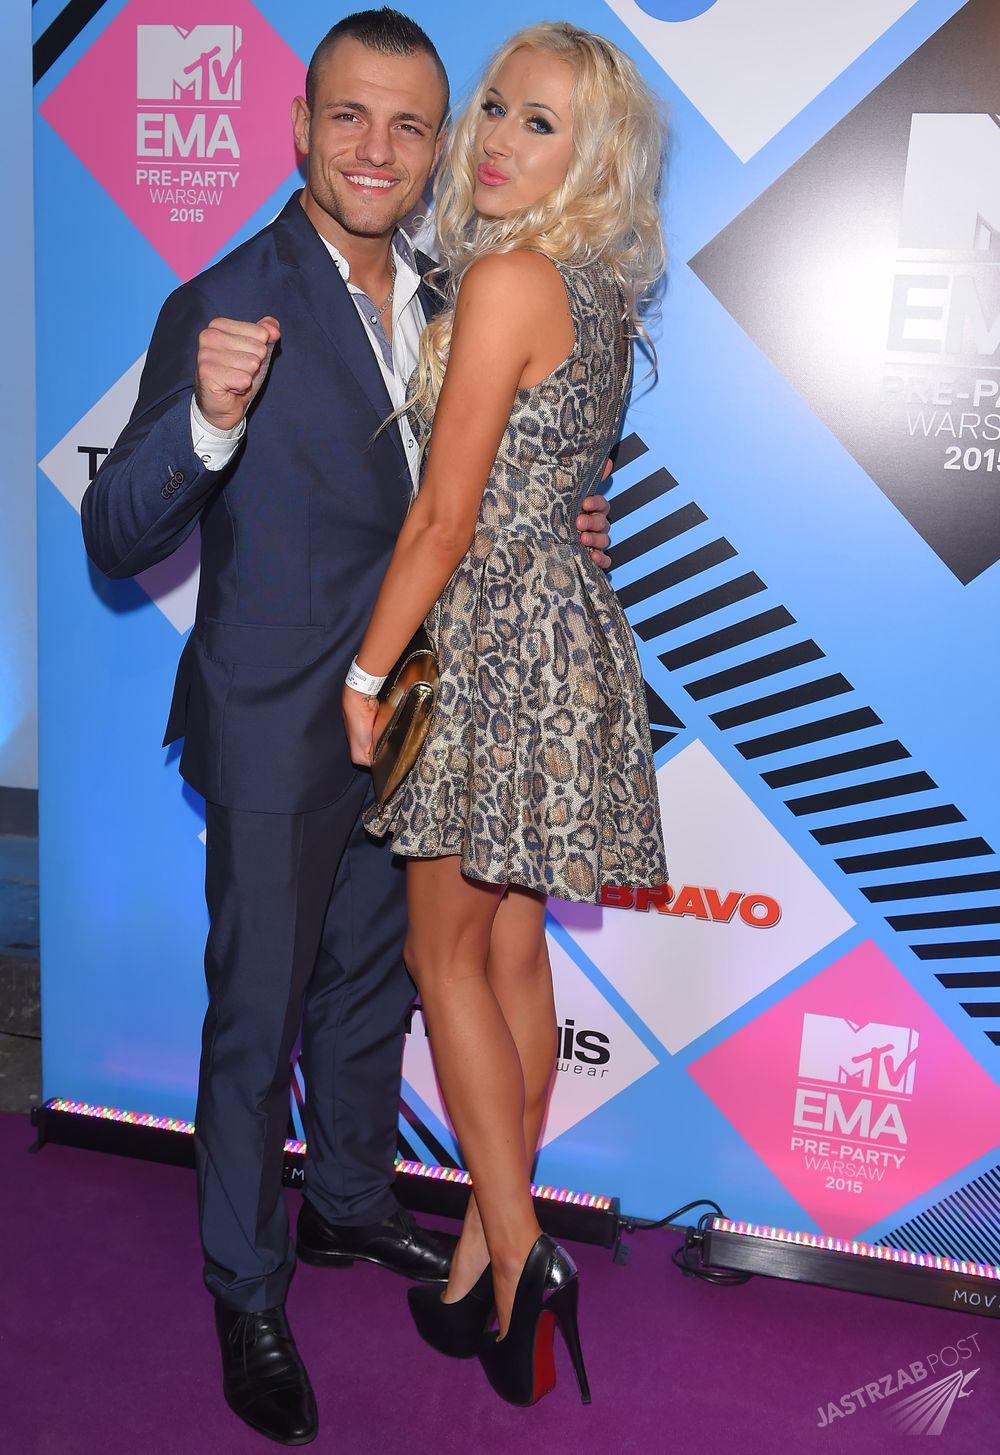 Eliza i Trybson na MTV EMA Pre-Party 2015